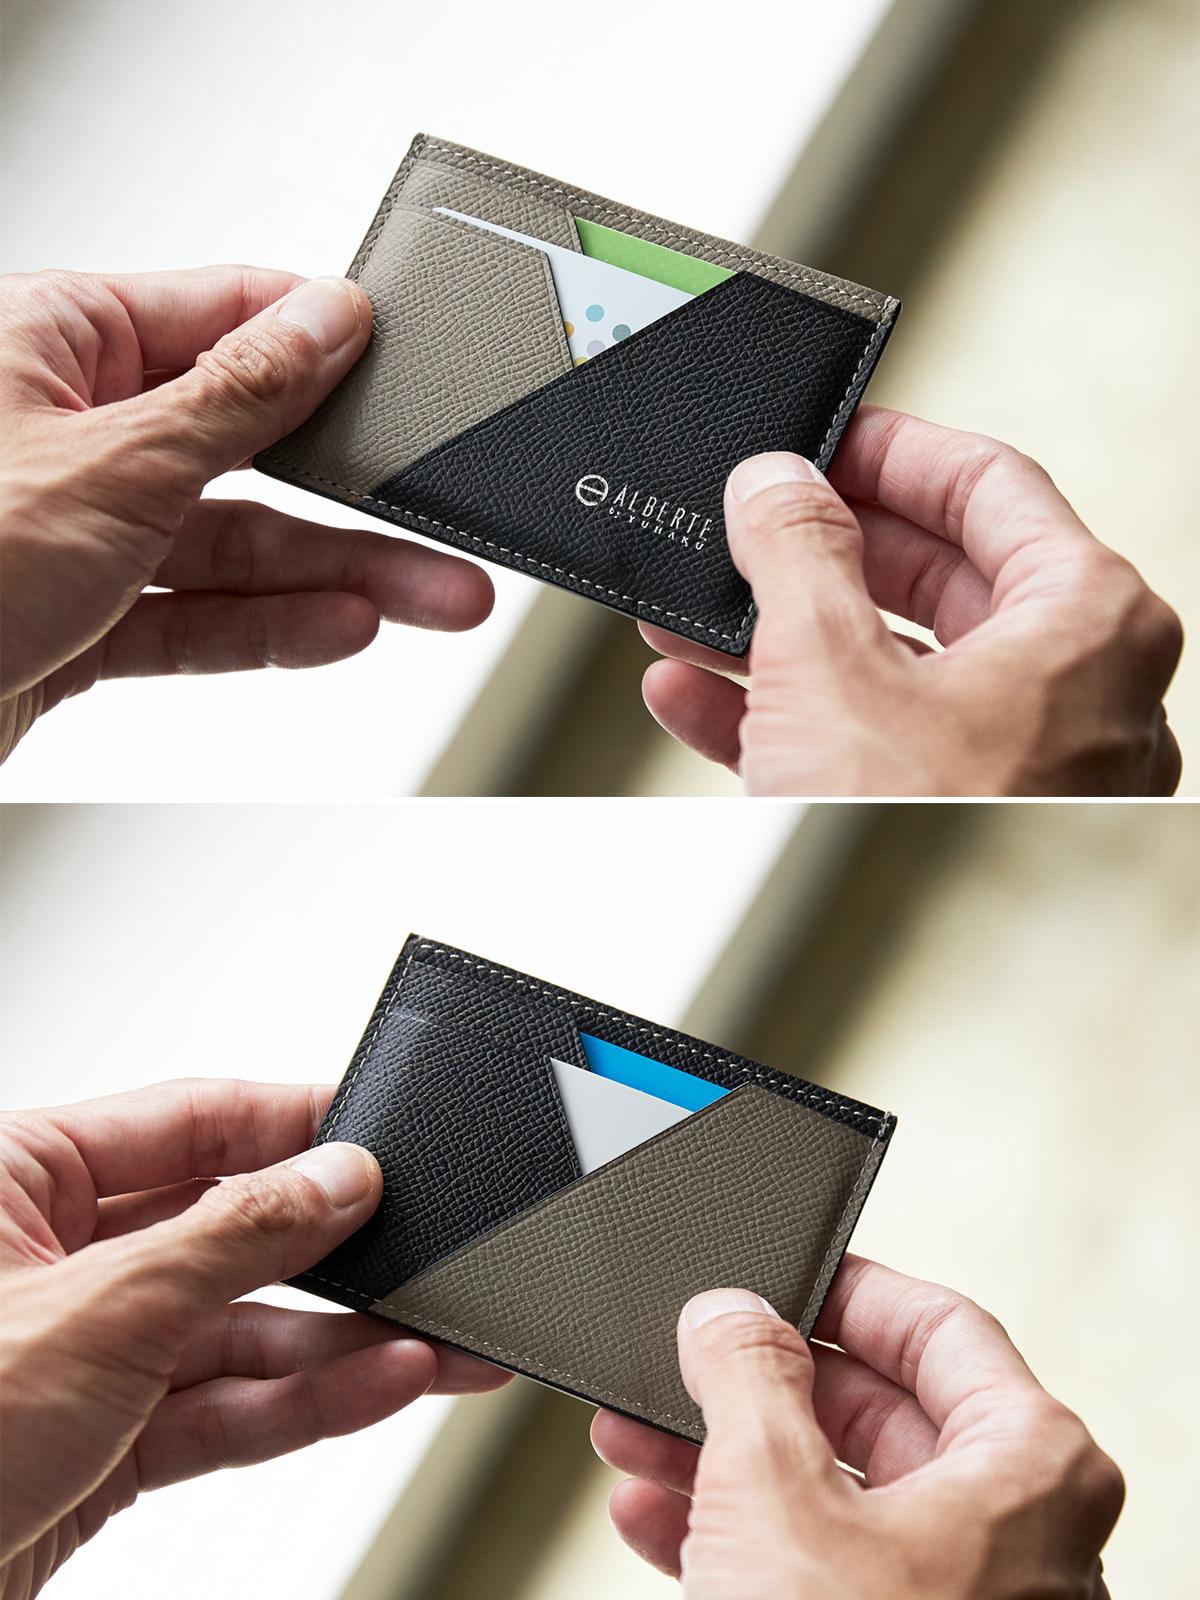 思考も所作もスマートになるコンパクトな財布。無理なくミニマムを極めた、「薄い財布」の傑作(長財布、二つ折り財布、パスケース、カードホルダー)|ALBERTE